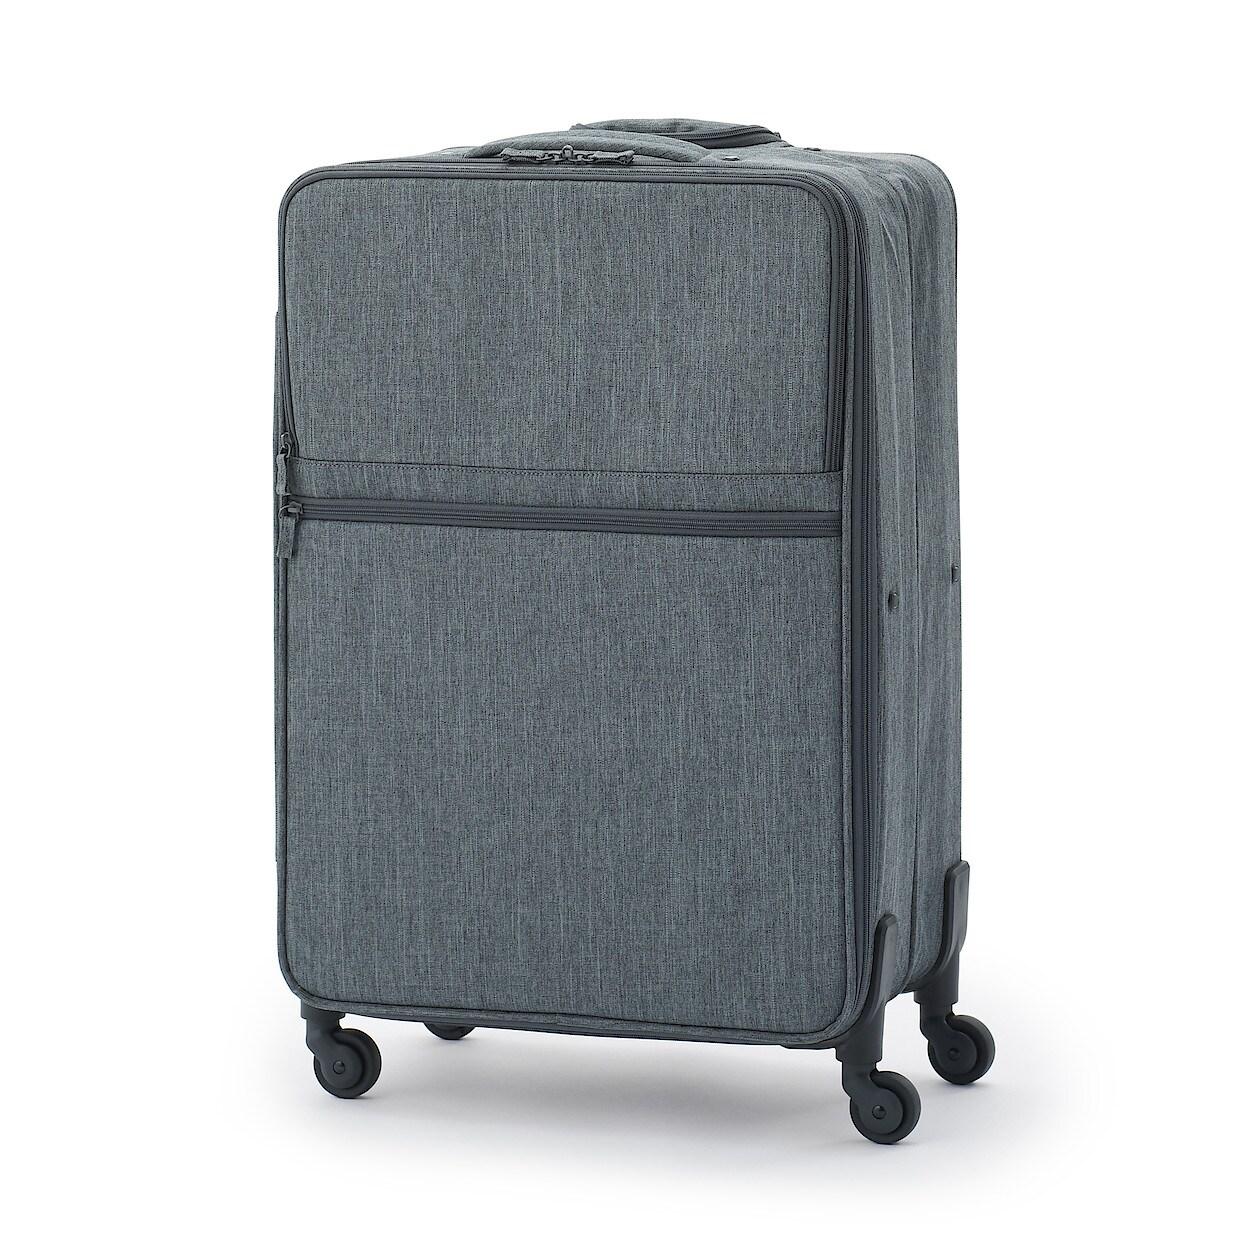 [무인양품] 반으로 수납 가능 소프트 여행용 캐리어(L) 그레이 MUJI 일본 공식스토어